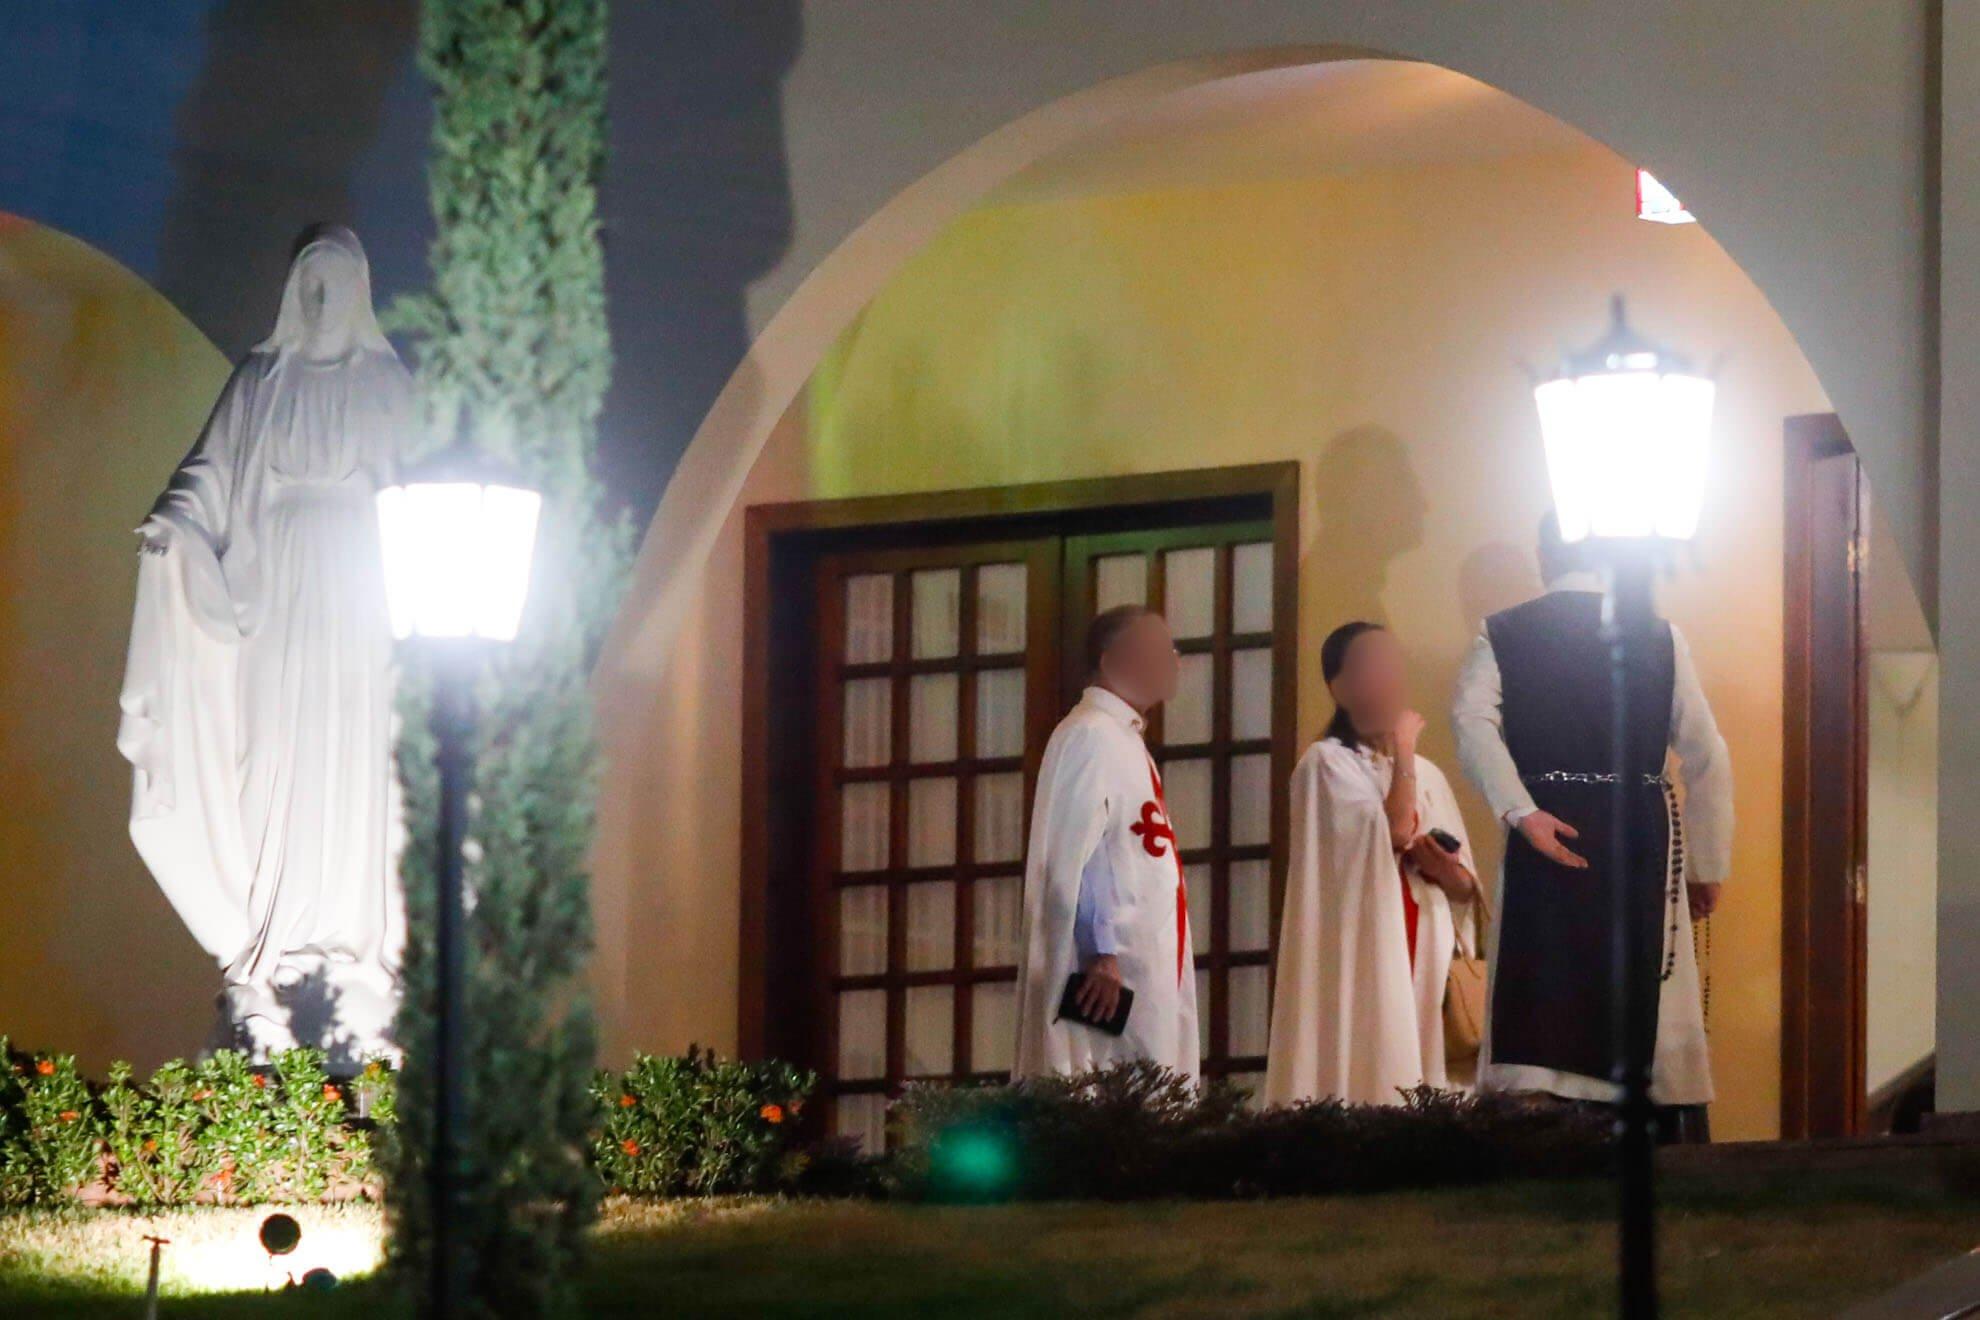 O grupo promove missas para os fiéis brasilienses três vezes por semana